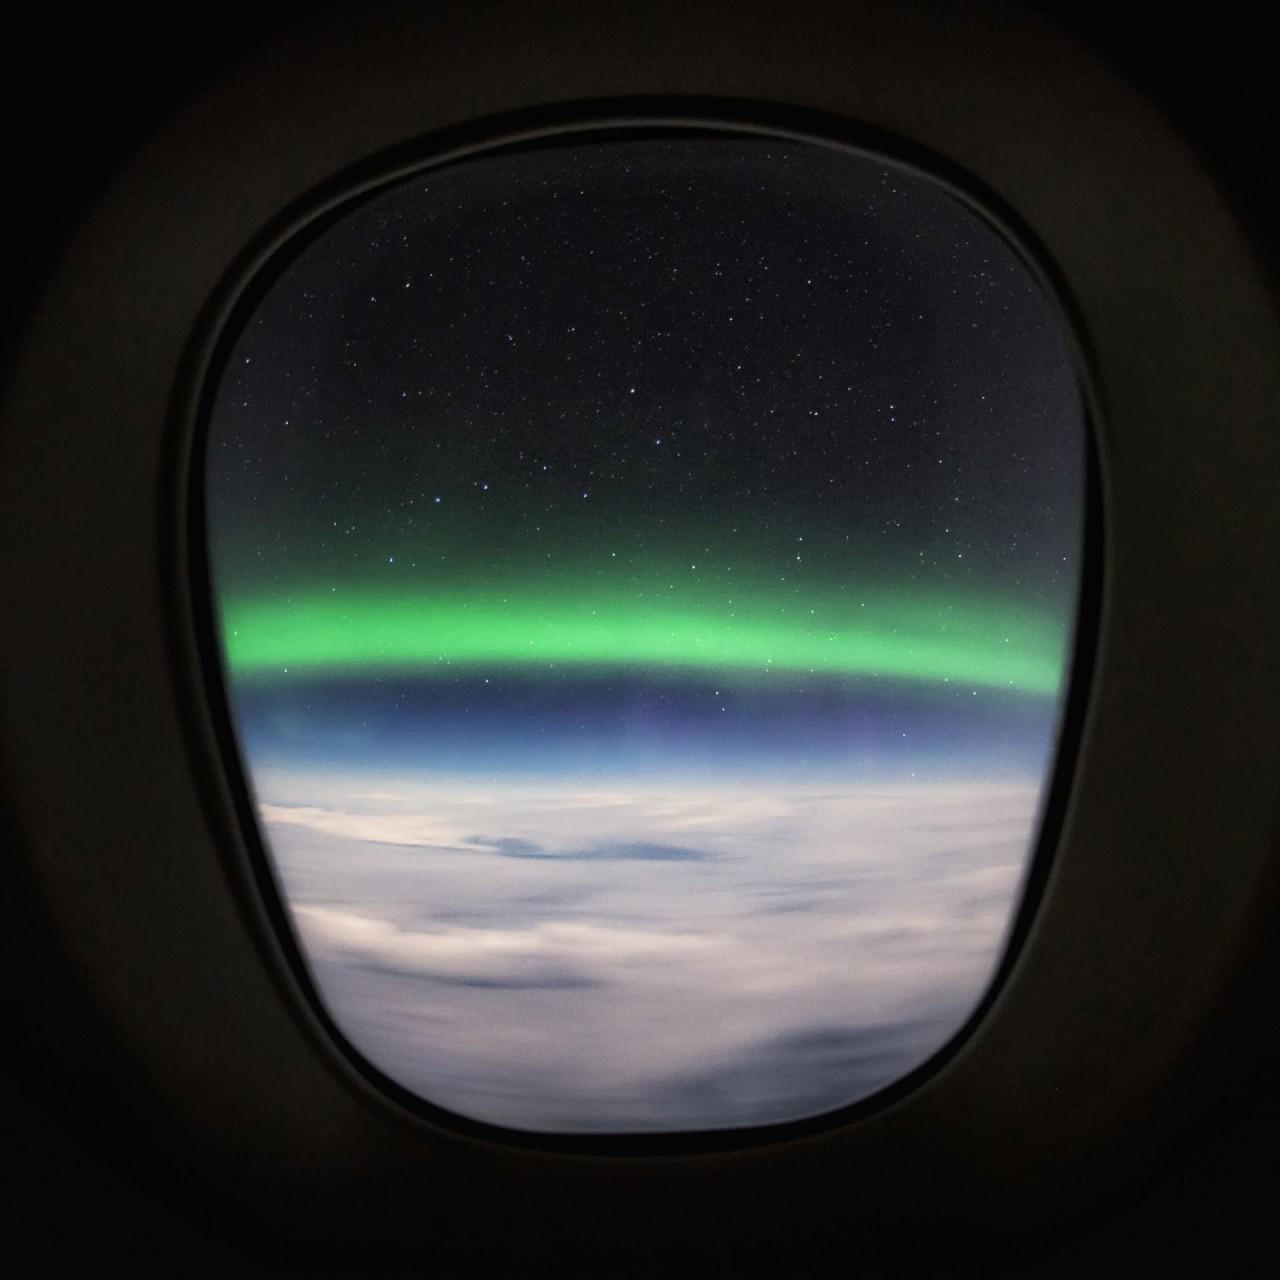 Большая Медведица в небе над Аляской аэросъемка, кабина пилота, кабина самолета, красивые фотографии, пилот, с высоты, с высоты птичьего полета, фотограф